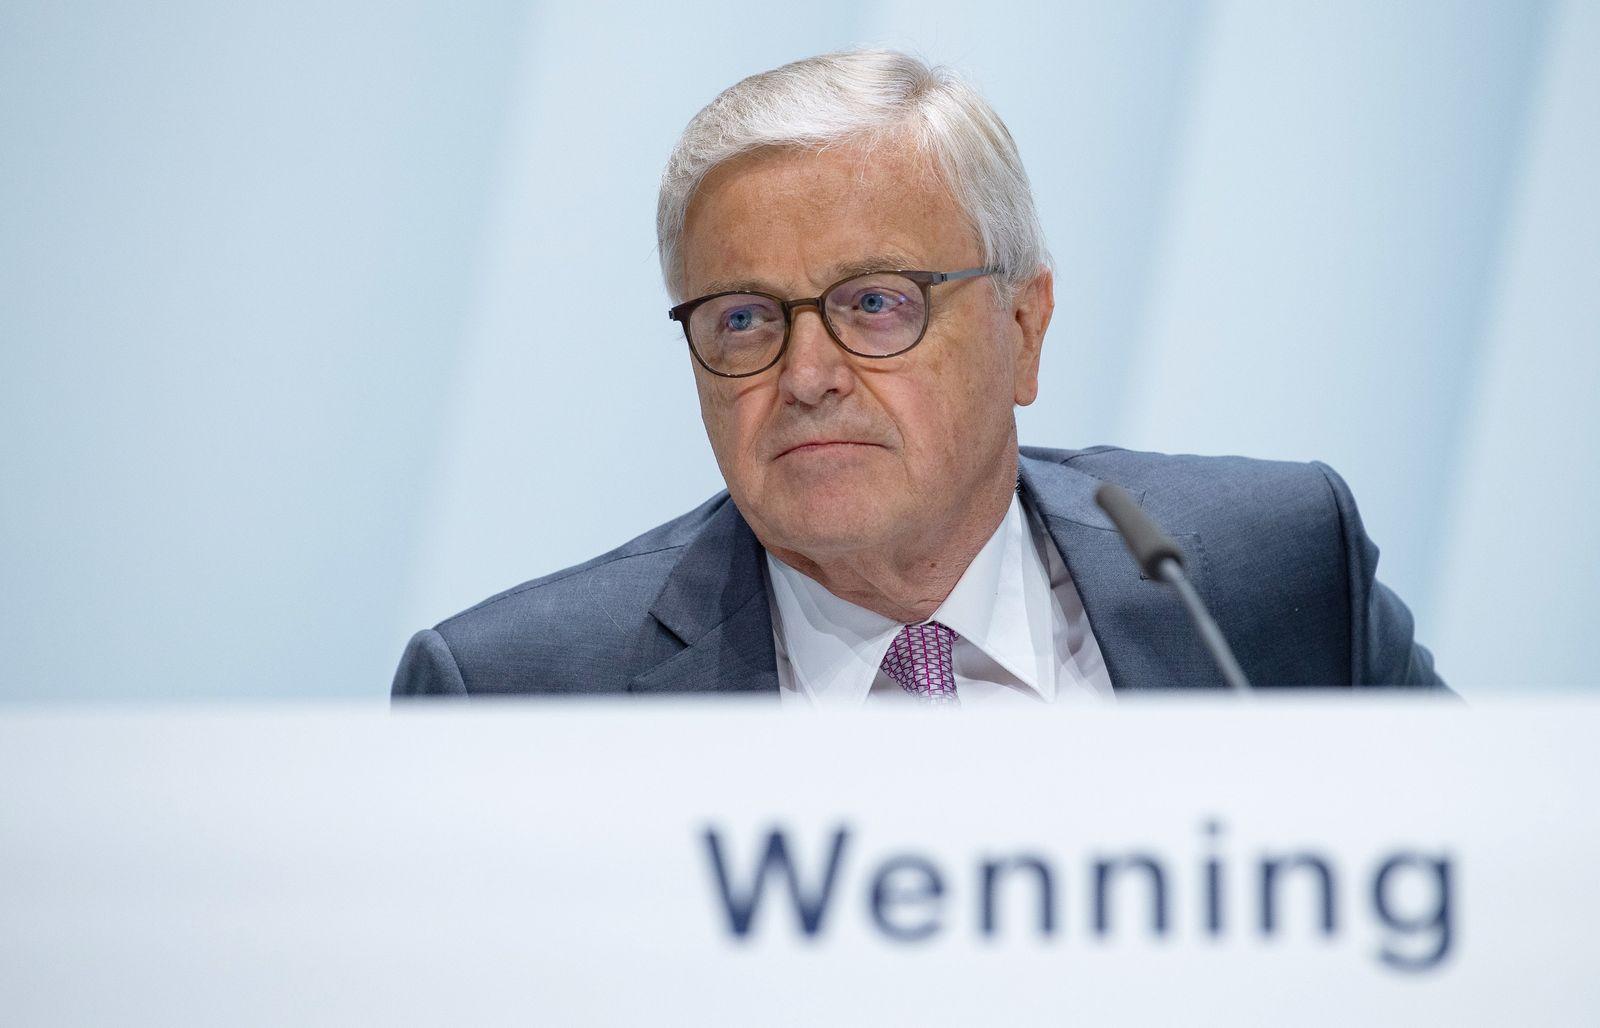 Werner Wenning